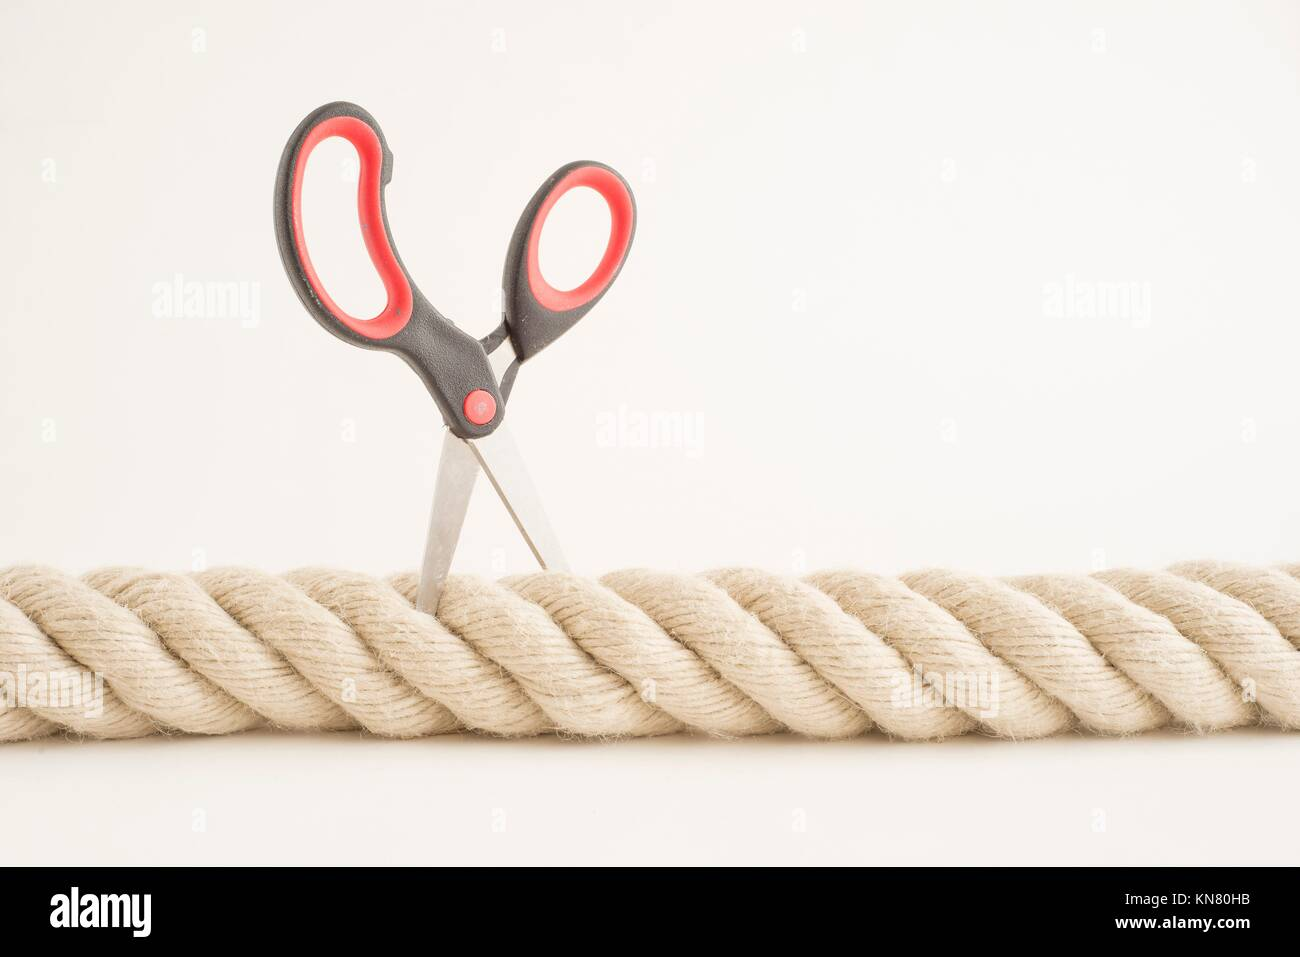 La soga fuerte y unas tijeras pequeñas. Concepto de fuerza, desafíos y dificultades. Foto de stock